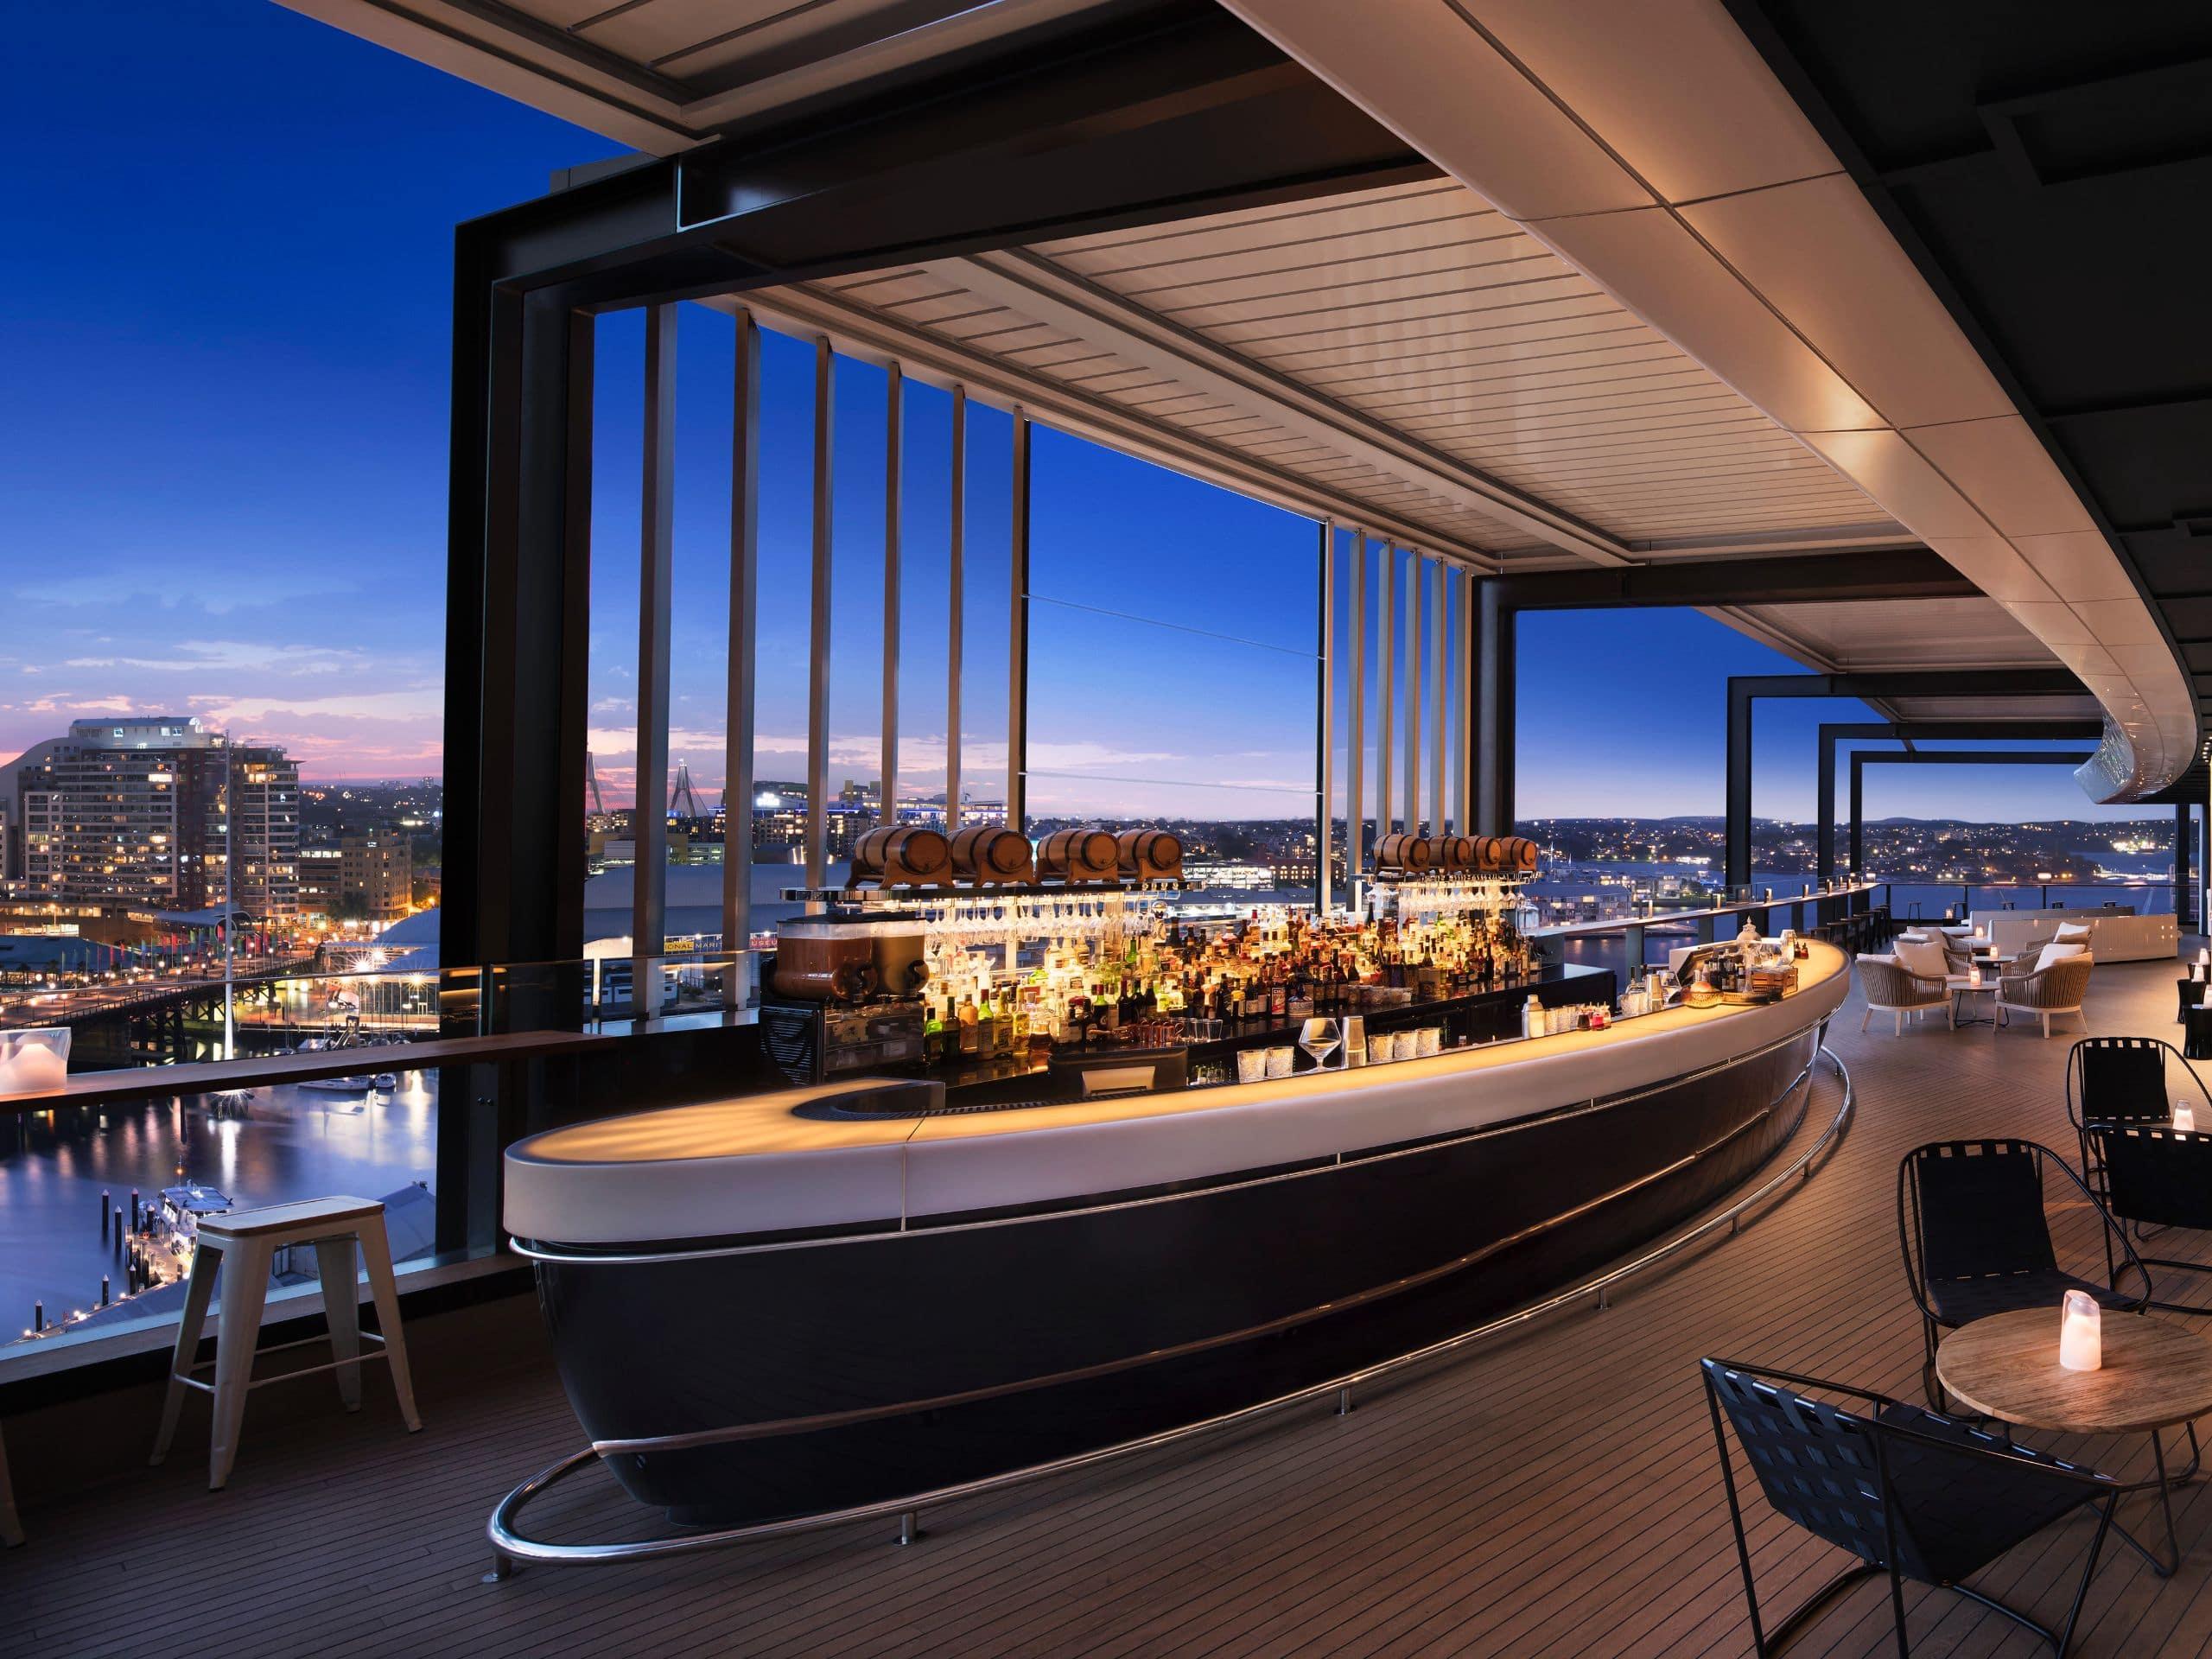 Darling Harbour Restaurants Bars Hyatt Regency Sydney